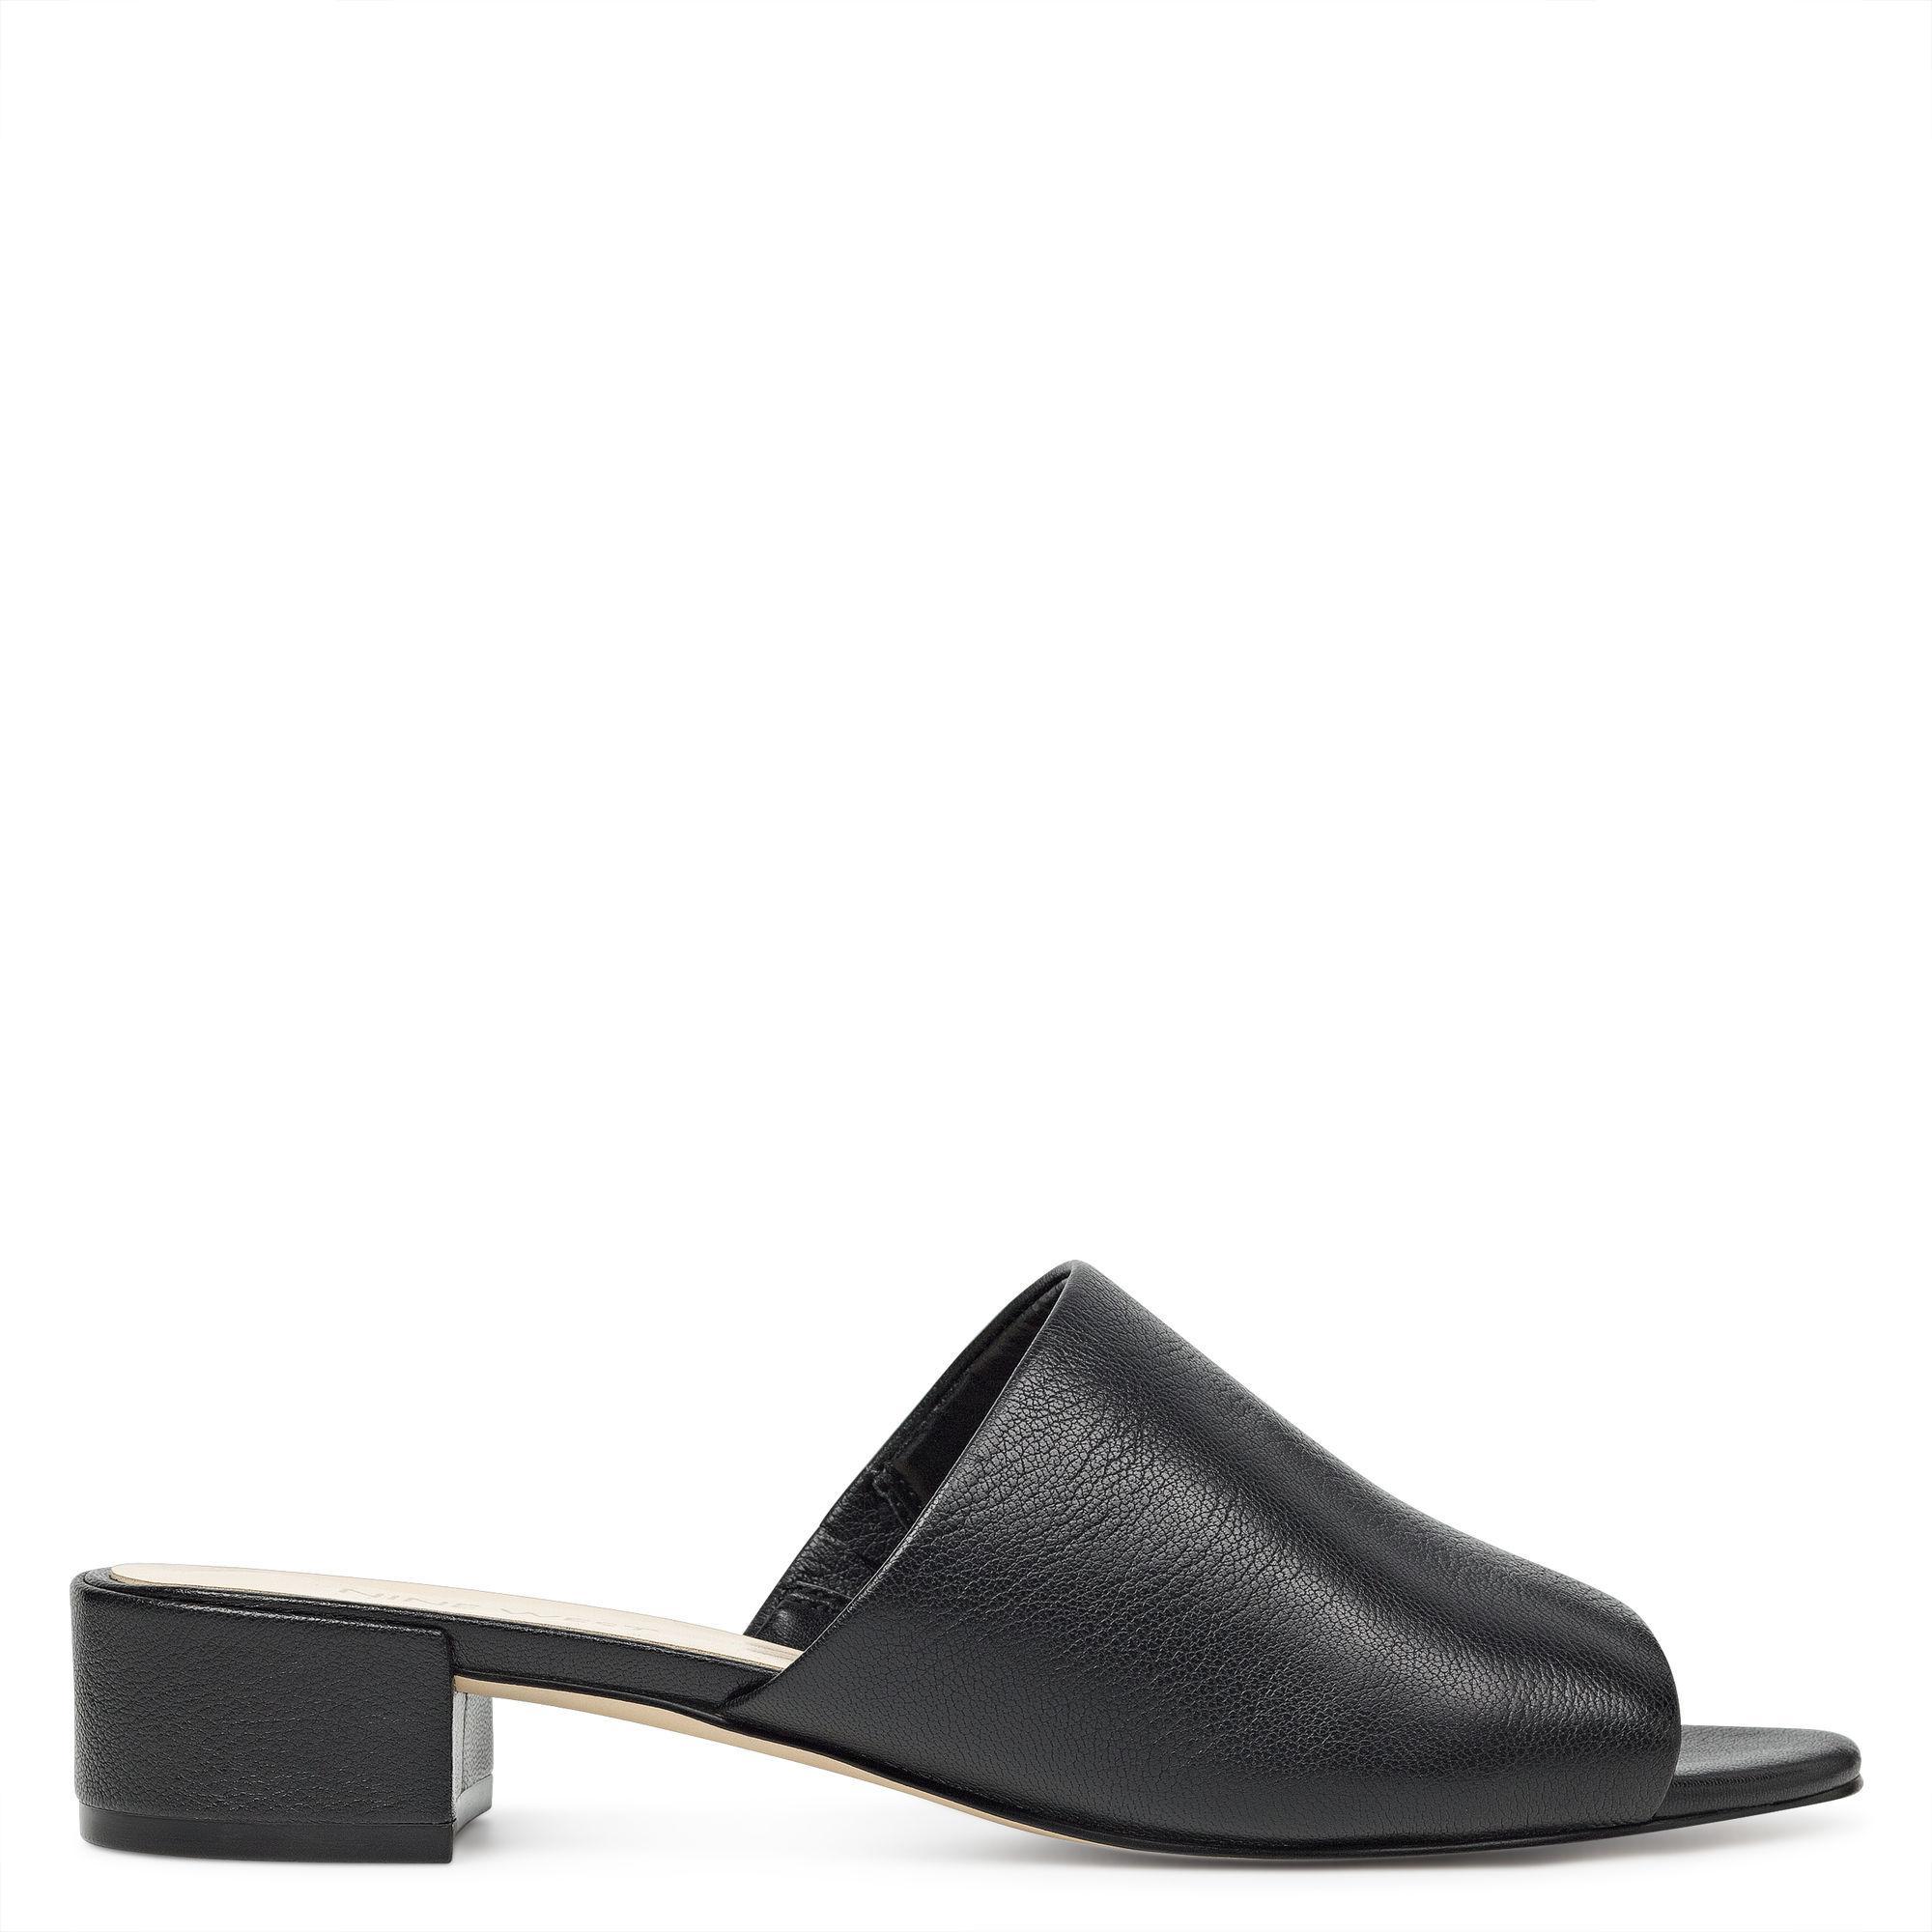 terrific value new arrival look for Raissa Slide Sandals